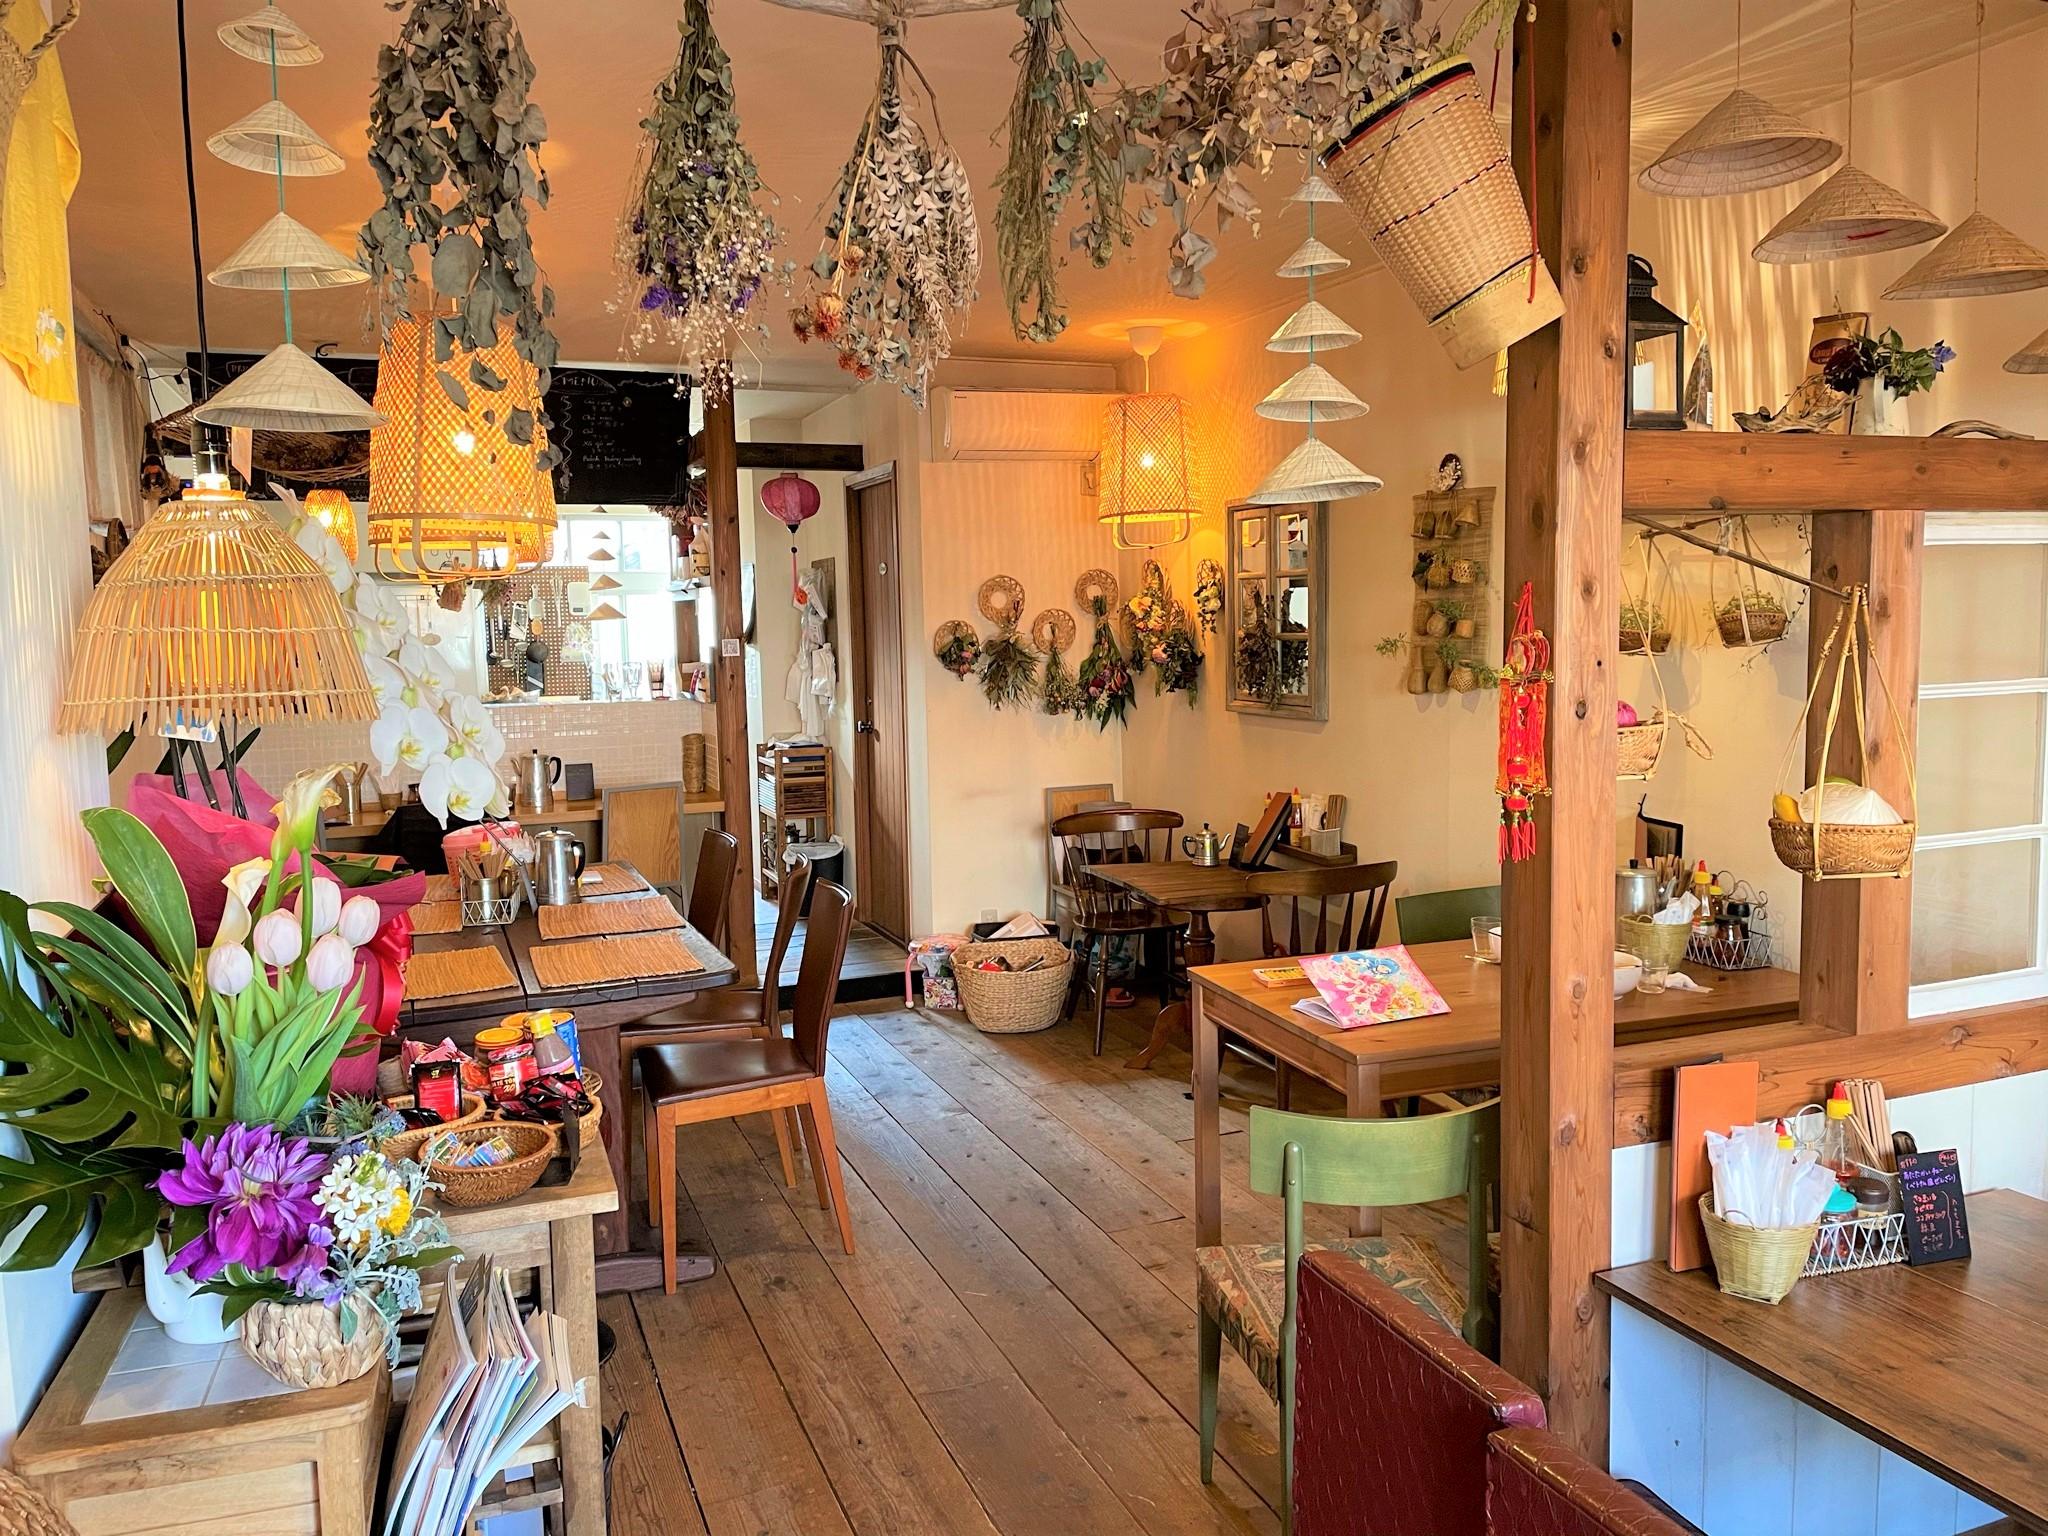 移転オープン!ベトナム料理店「Dalat-Marimura」